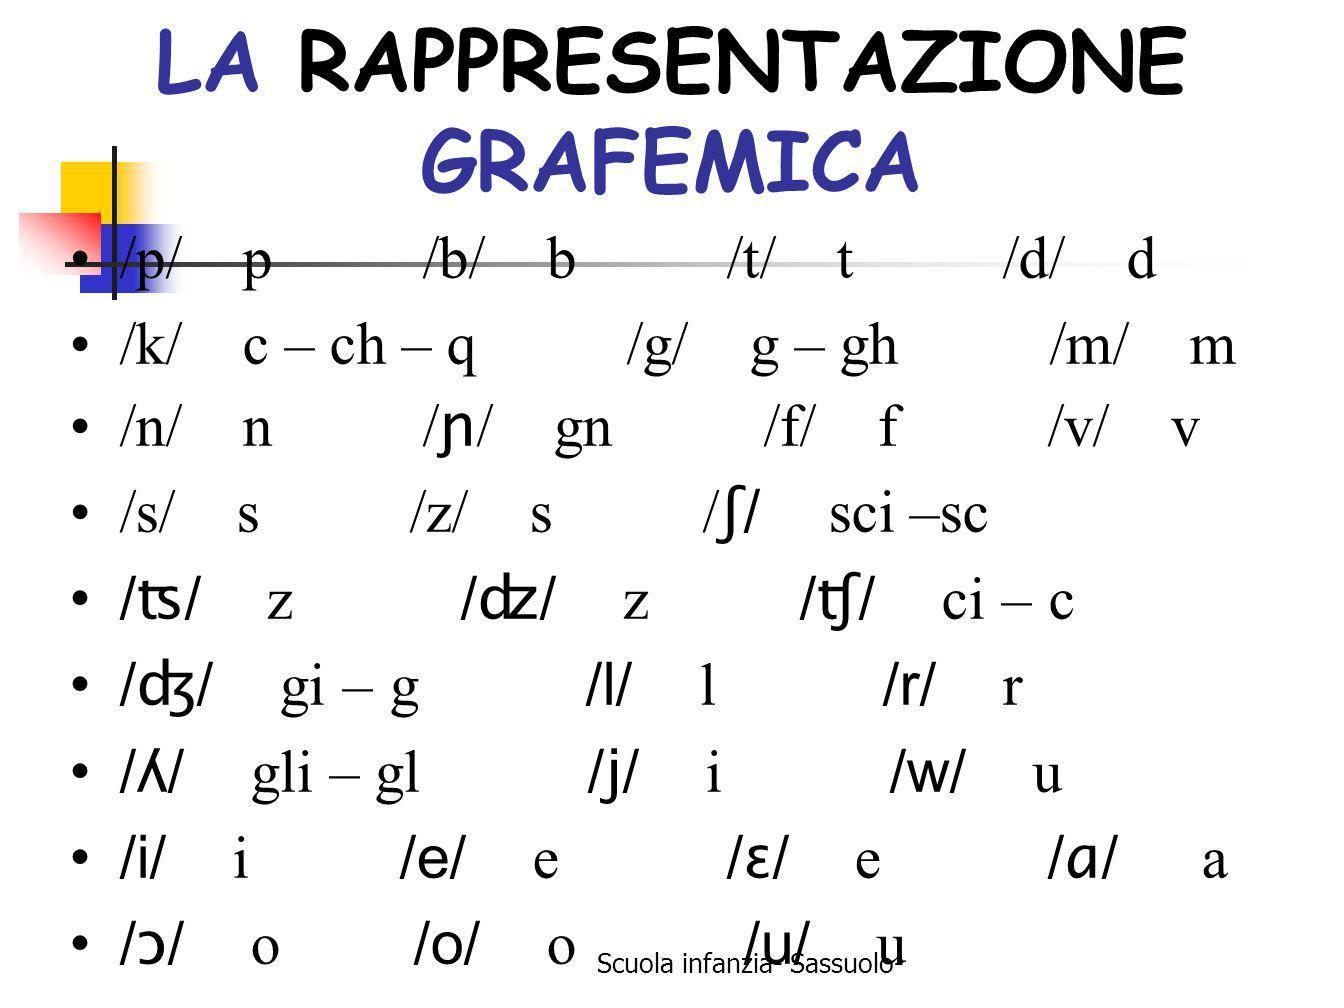 Scuola infanzia- Sassuolo- LA RAPPRESENTAZIONE GRAFEMICA /p/ p /b/ b /t/ t /d/ d /k/ c – ch – q /g/ g – gh /m/ m /n/ n / ɲ / gn /f/ f /v/ v /s/ s /z/